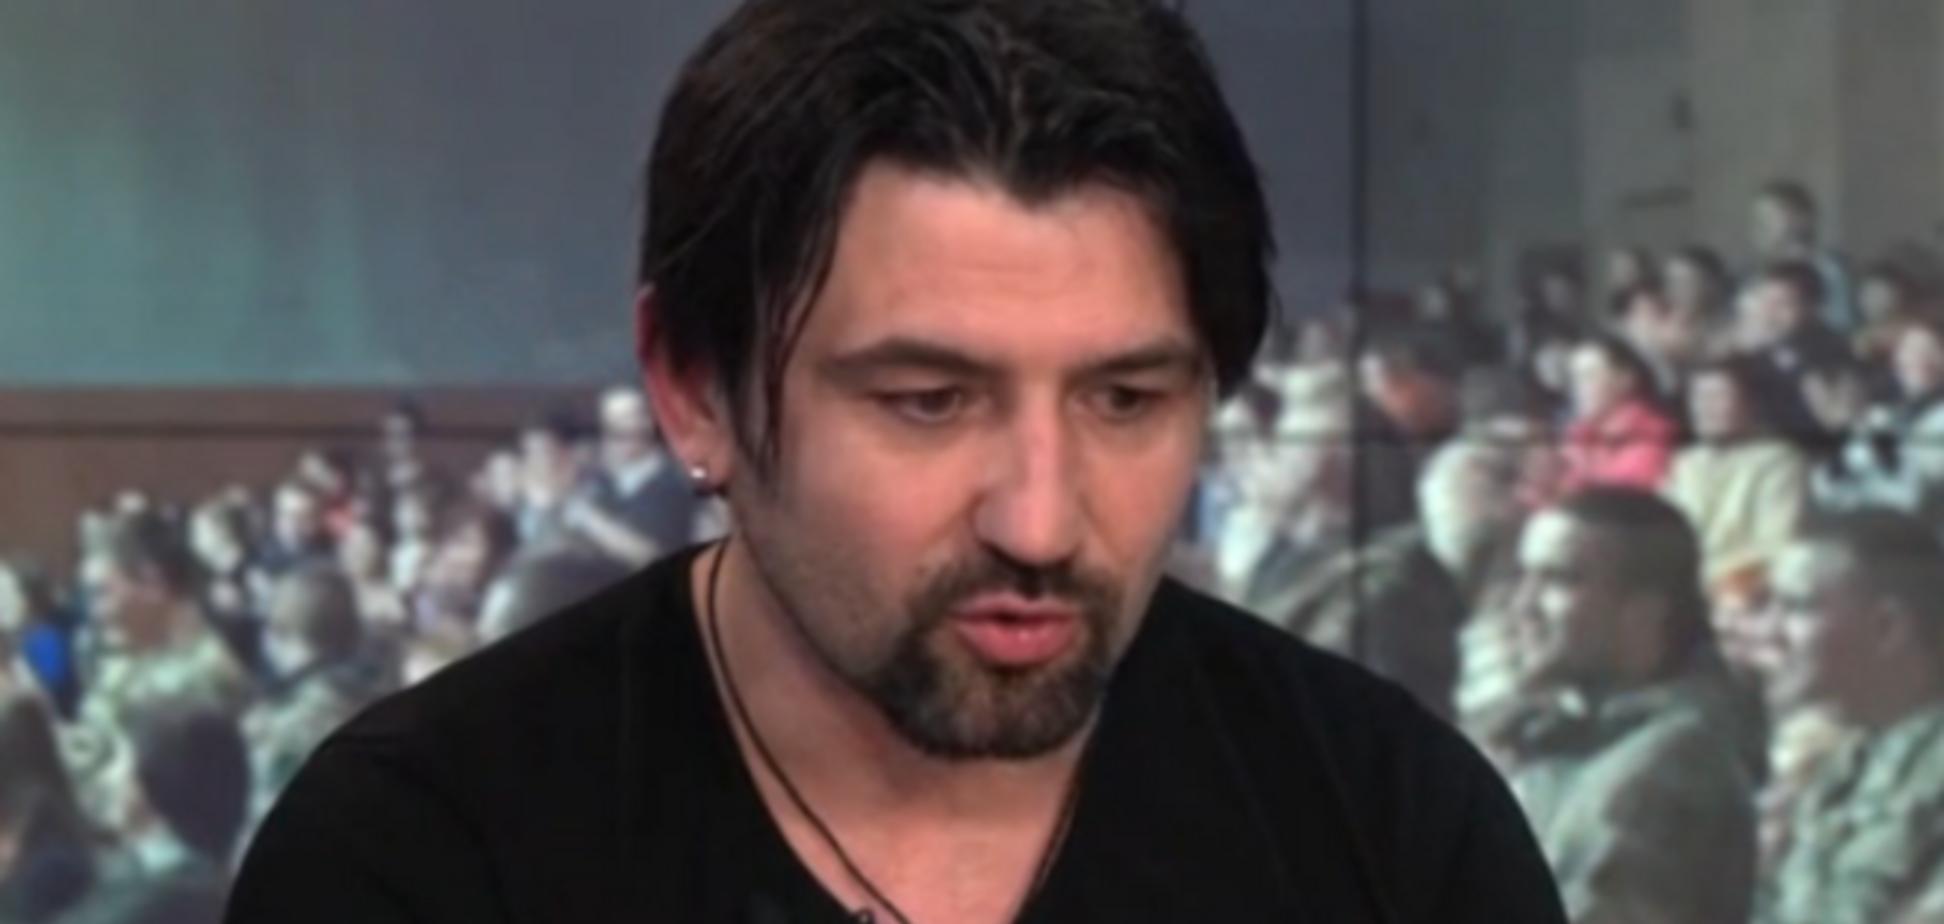 ГАИшники заставили украинских музыкантов заплатить 2 тыс. грн за выезд из зоны АТО